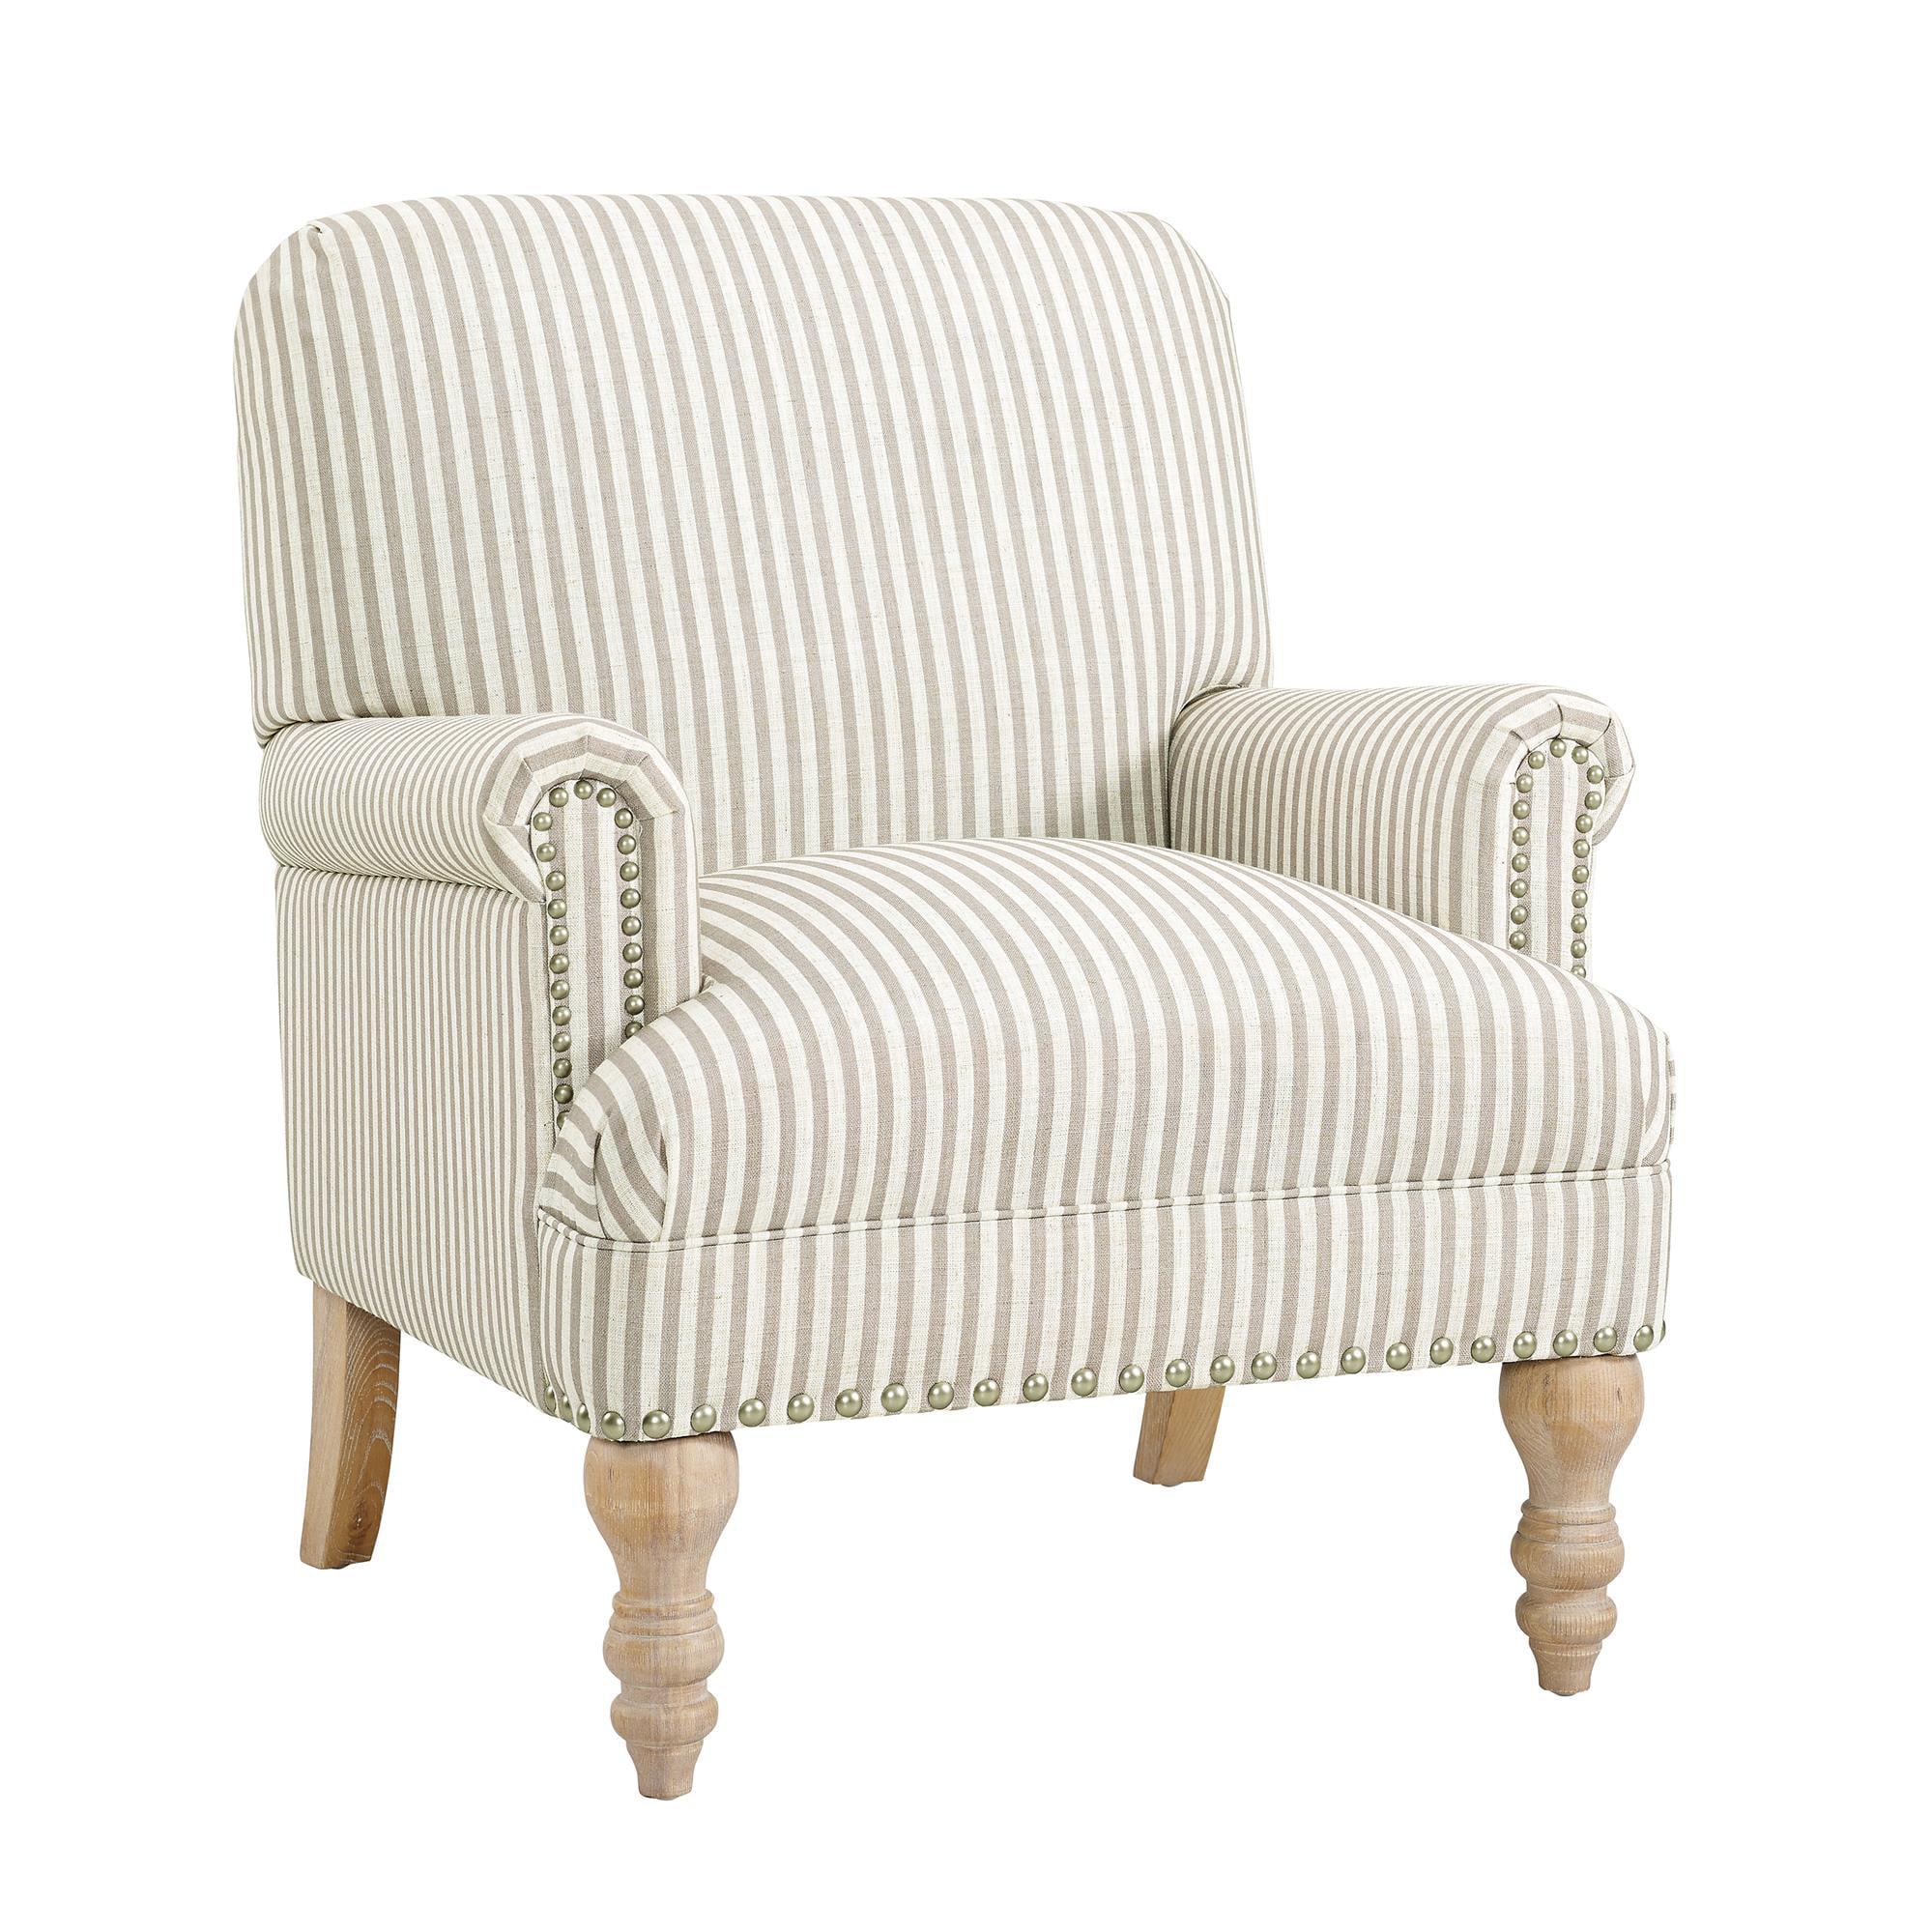 Amazing Dorel Living Jaya Accent Chair Beige Walmart Com Inzonedesignstudio Interior Chair Design Inzonedesignstudiocom